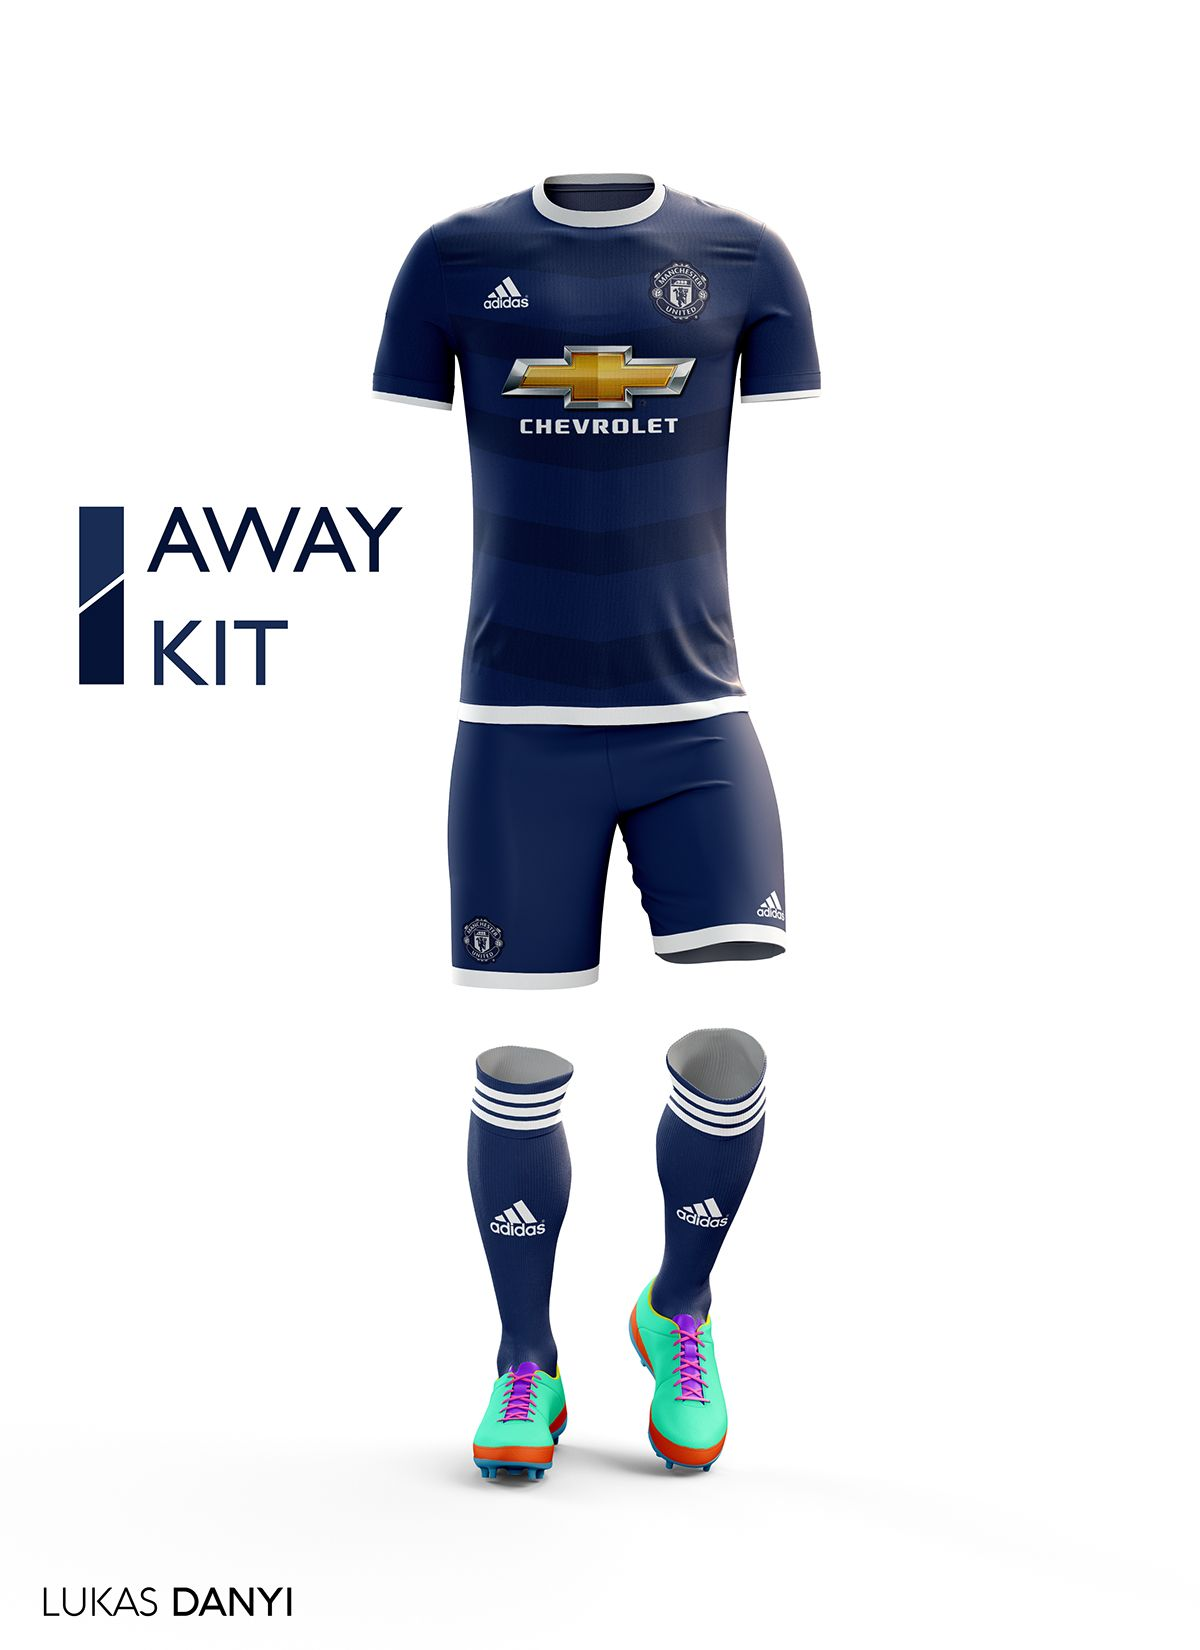 https mir s3 cdn cf behance net project modules max 1200 0986e236273427 57162b53ea288 jpg camisa de futebol camisas de futebol uniformes futebol camisa de futebol